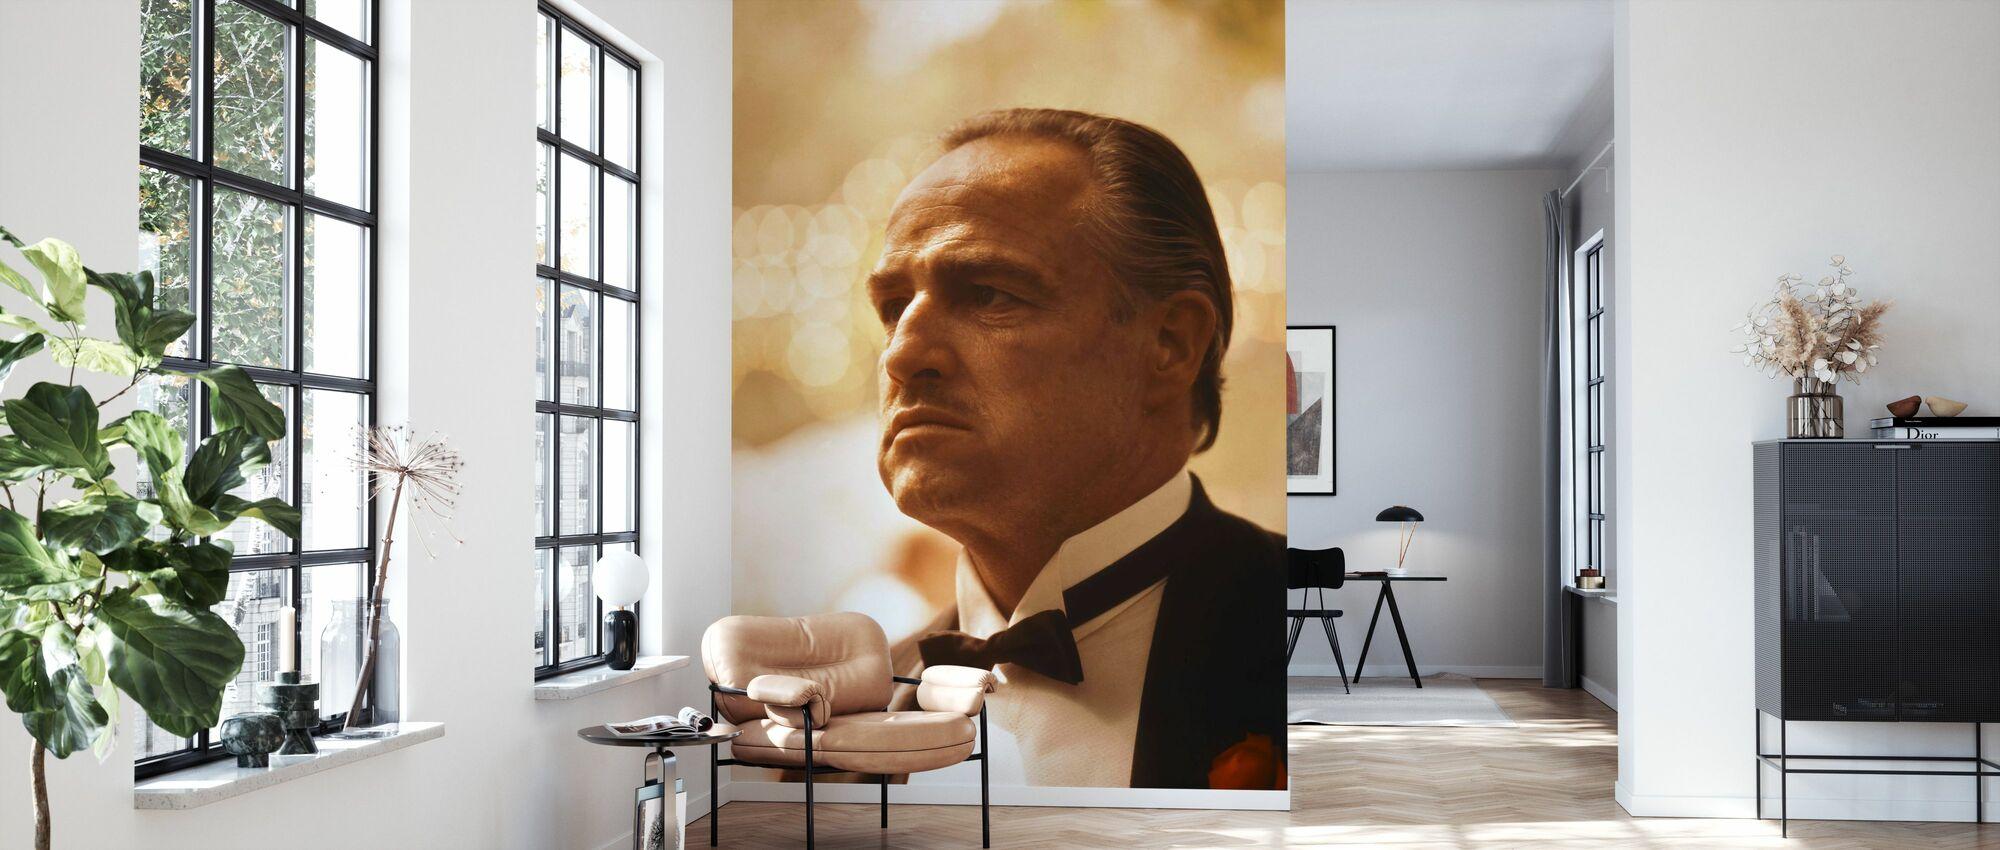 Marlon Brando Kummisetä - Tapetti - Olohuone